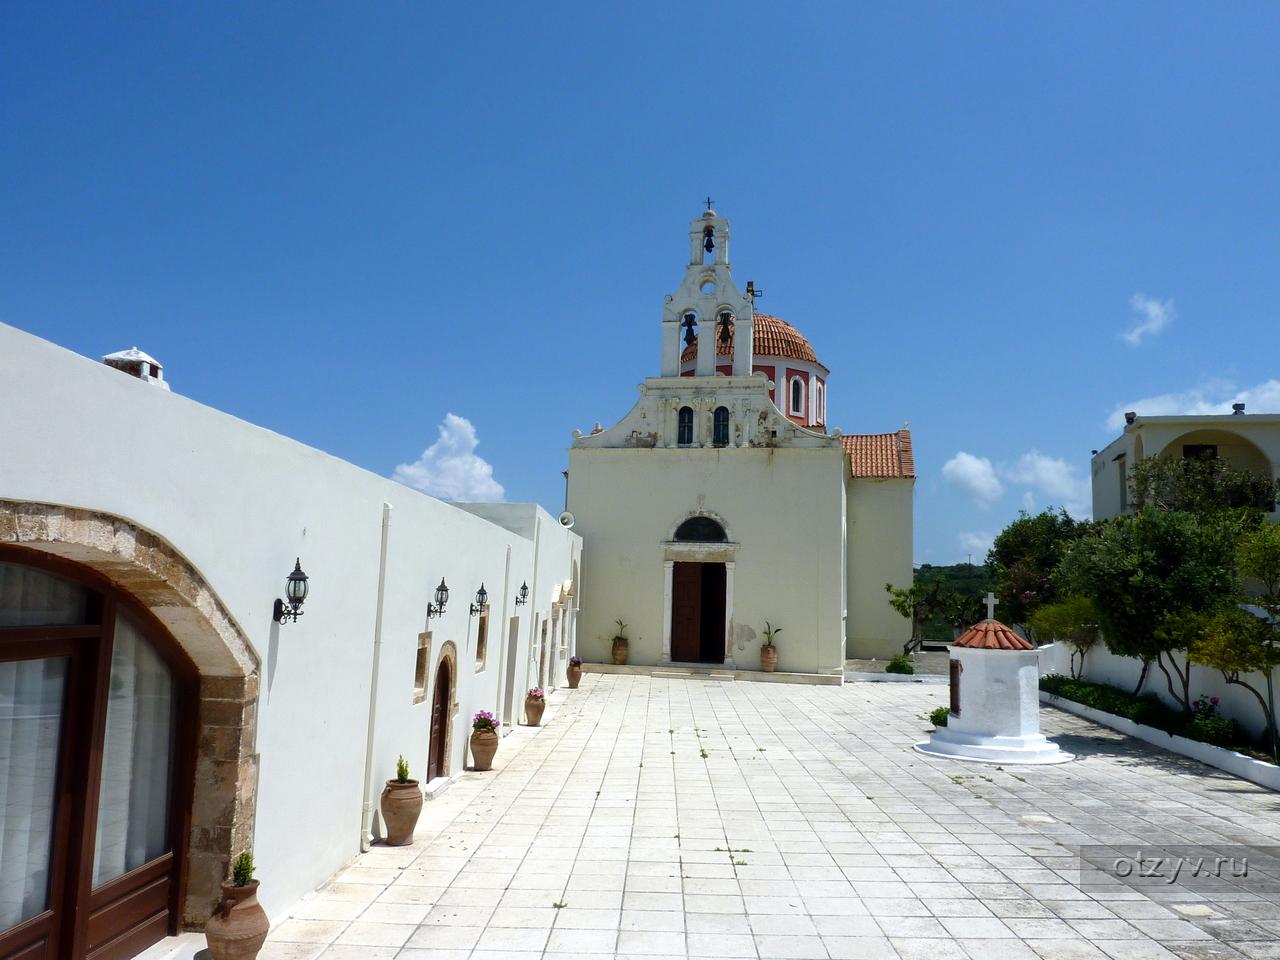 Там очень красивая церковь св марка